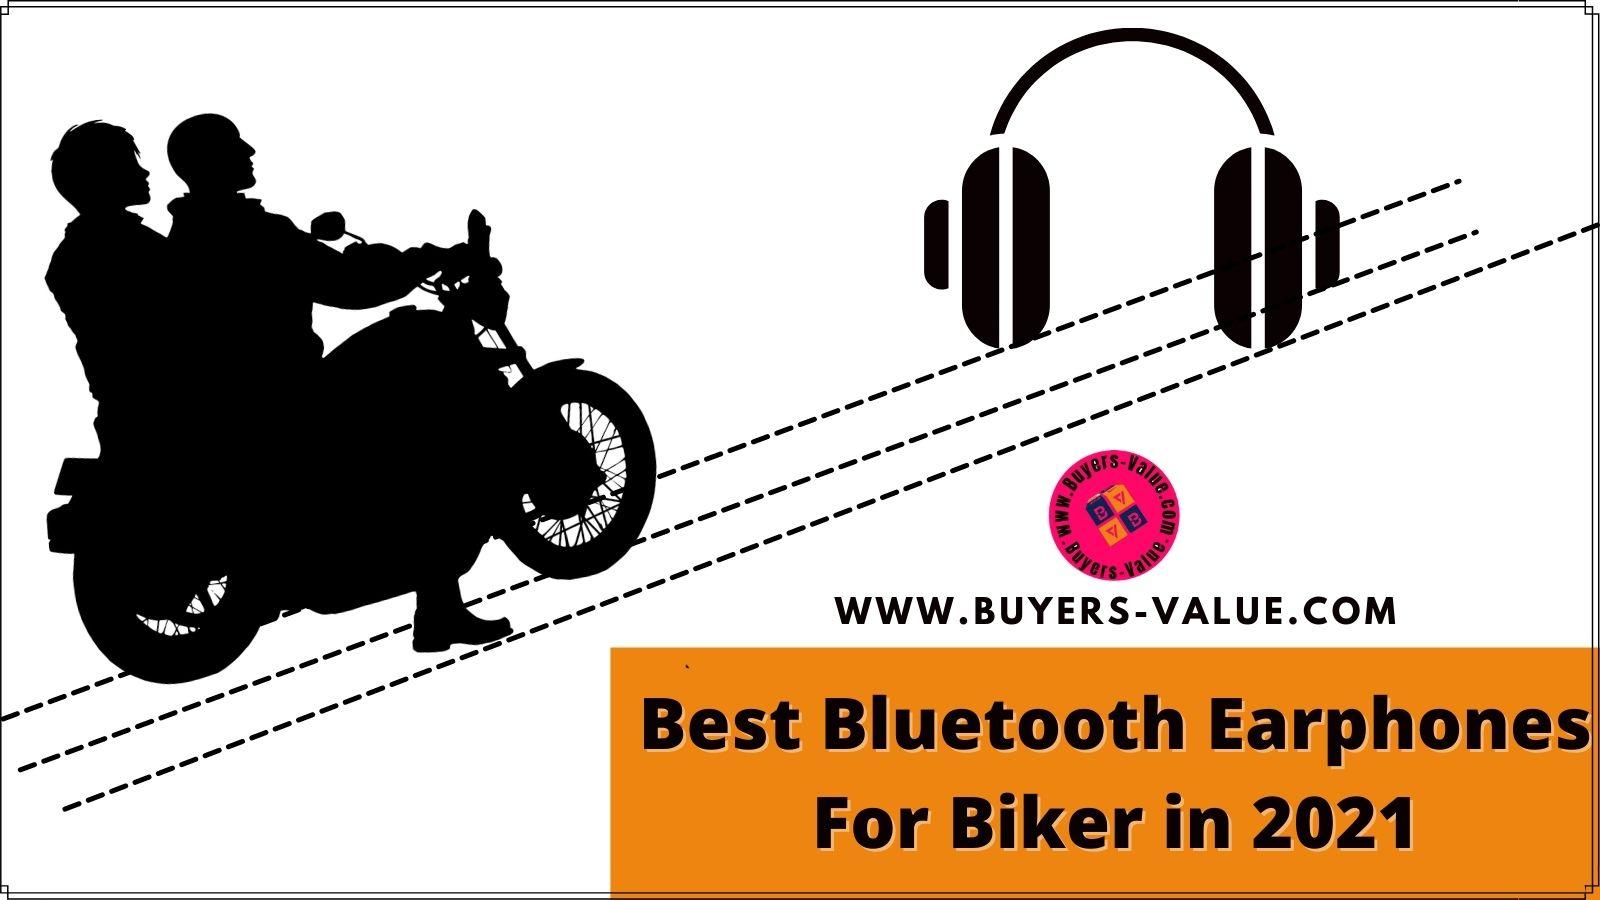 best Bluetooth earphones for bikers